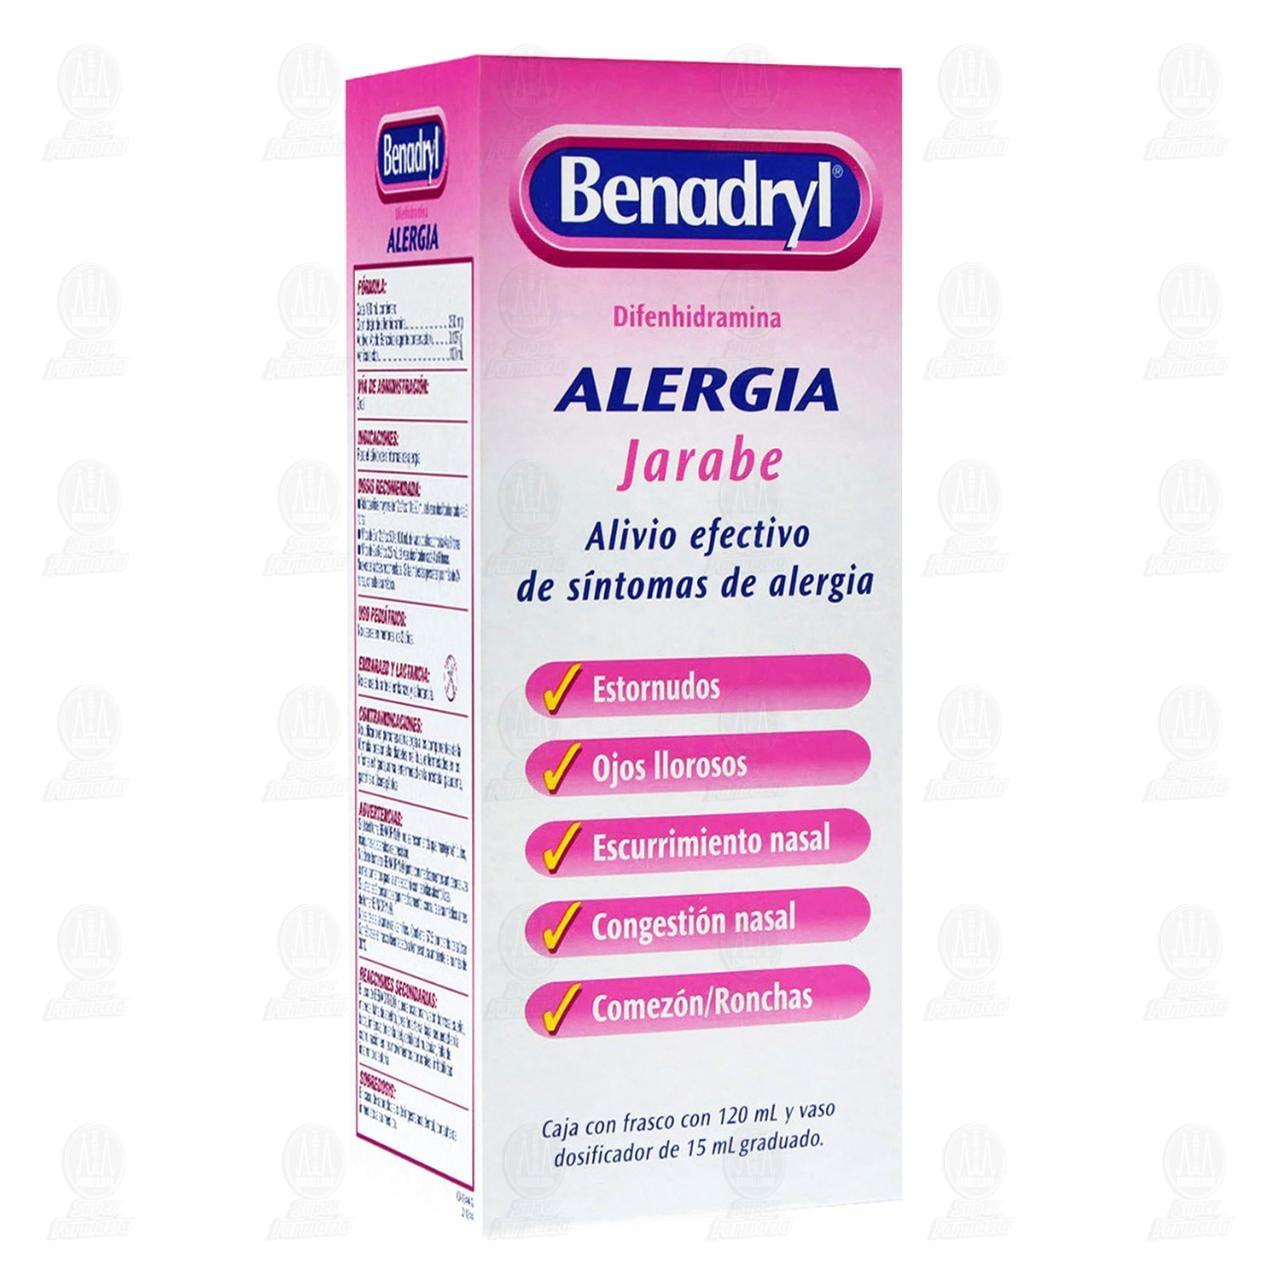 Comprar Benadryl Jarabe 120ml en Farmacias Guadalajara